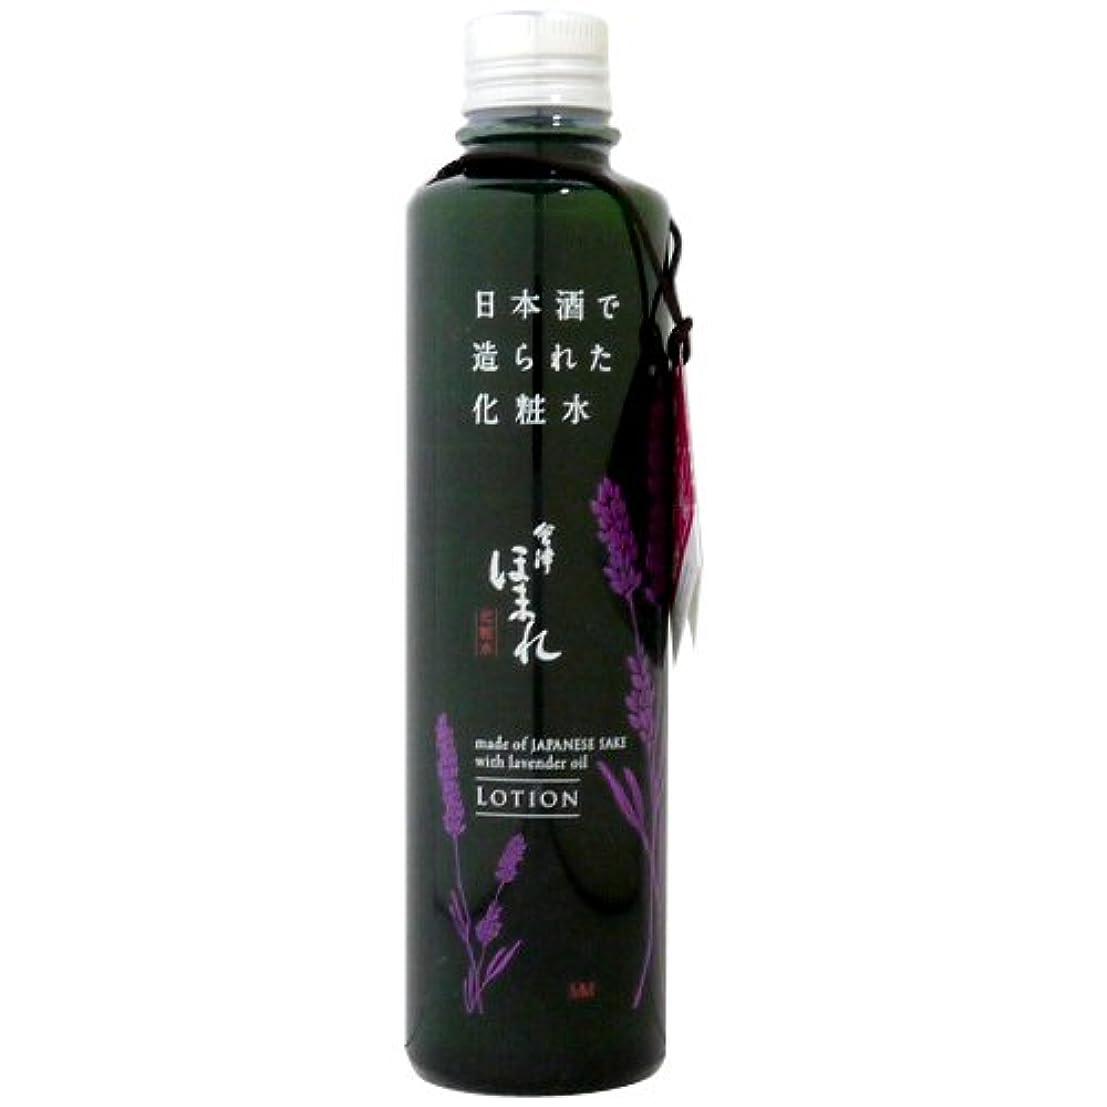 茎精緻化マルクス主義ゼトックスタイル ほまれ化粧水 200mL 306062 [並行輸入品]